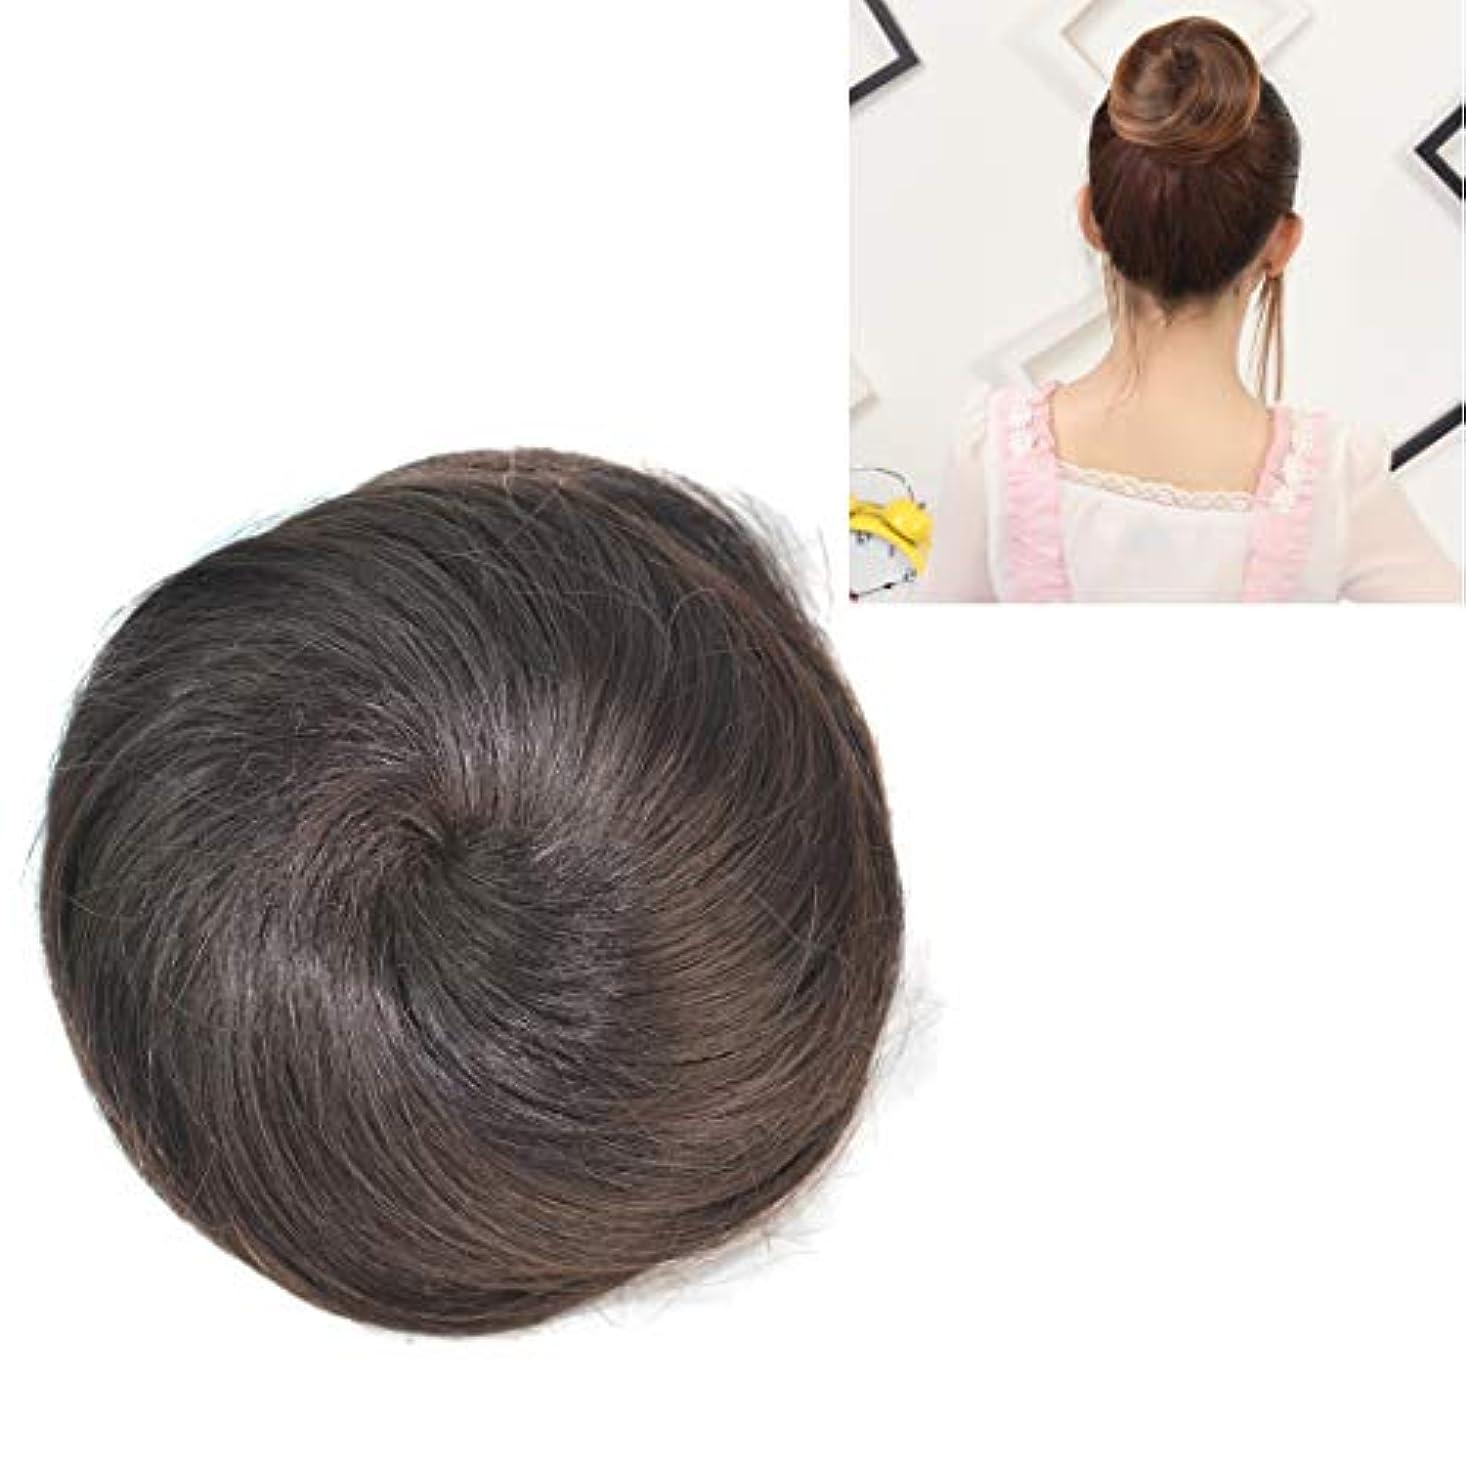 ブロー有毒ページ美しさ かつらの花の形のヘアパッケージヘアディスク ヘア&シェービング (色 : Black Brown)